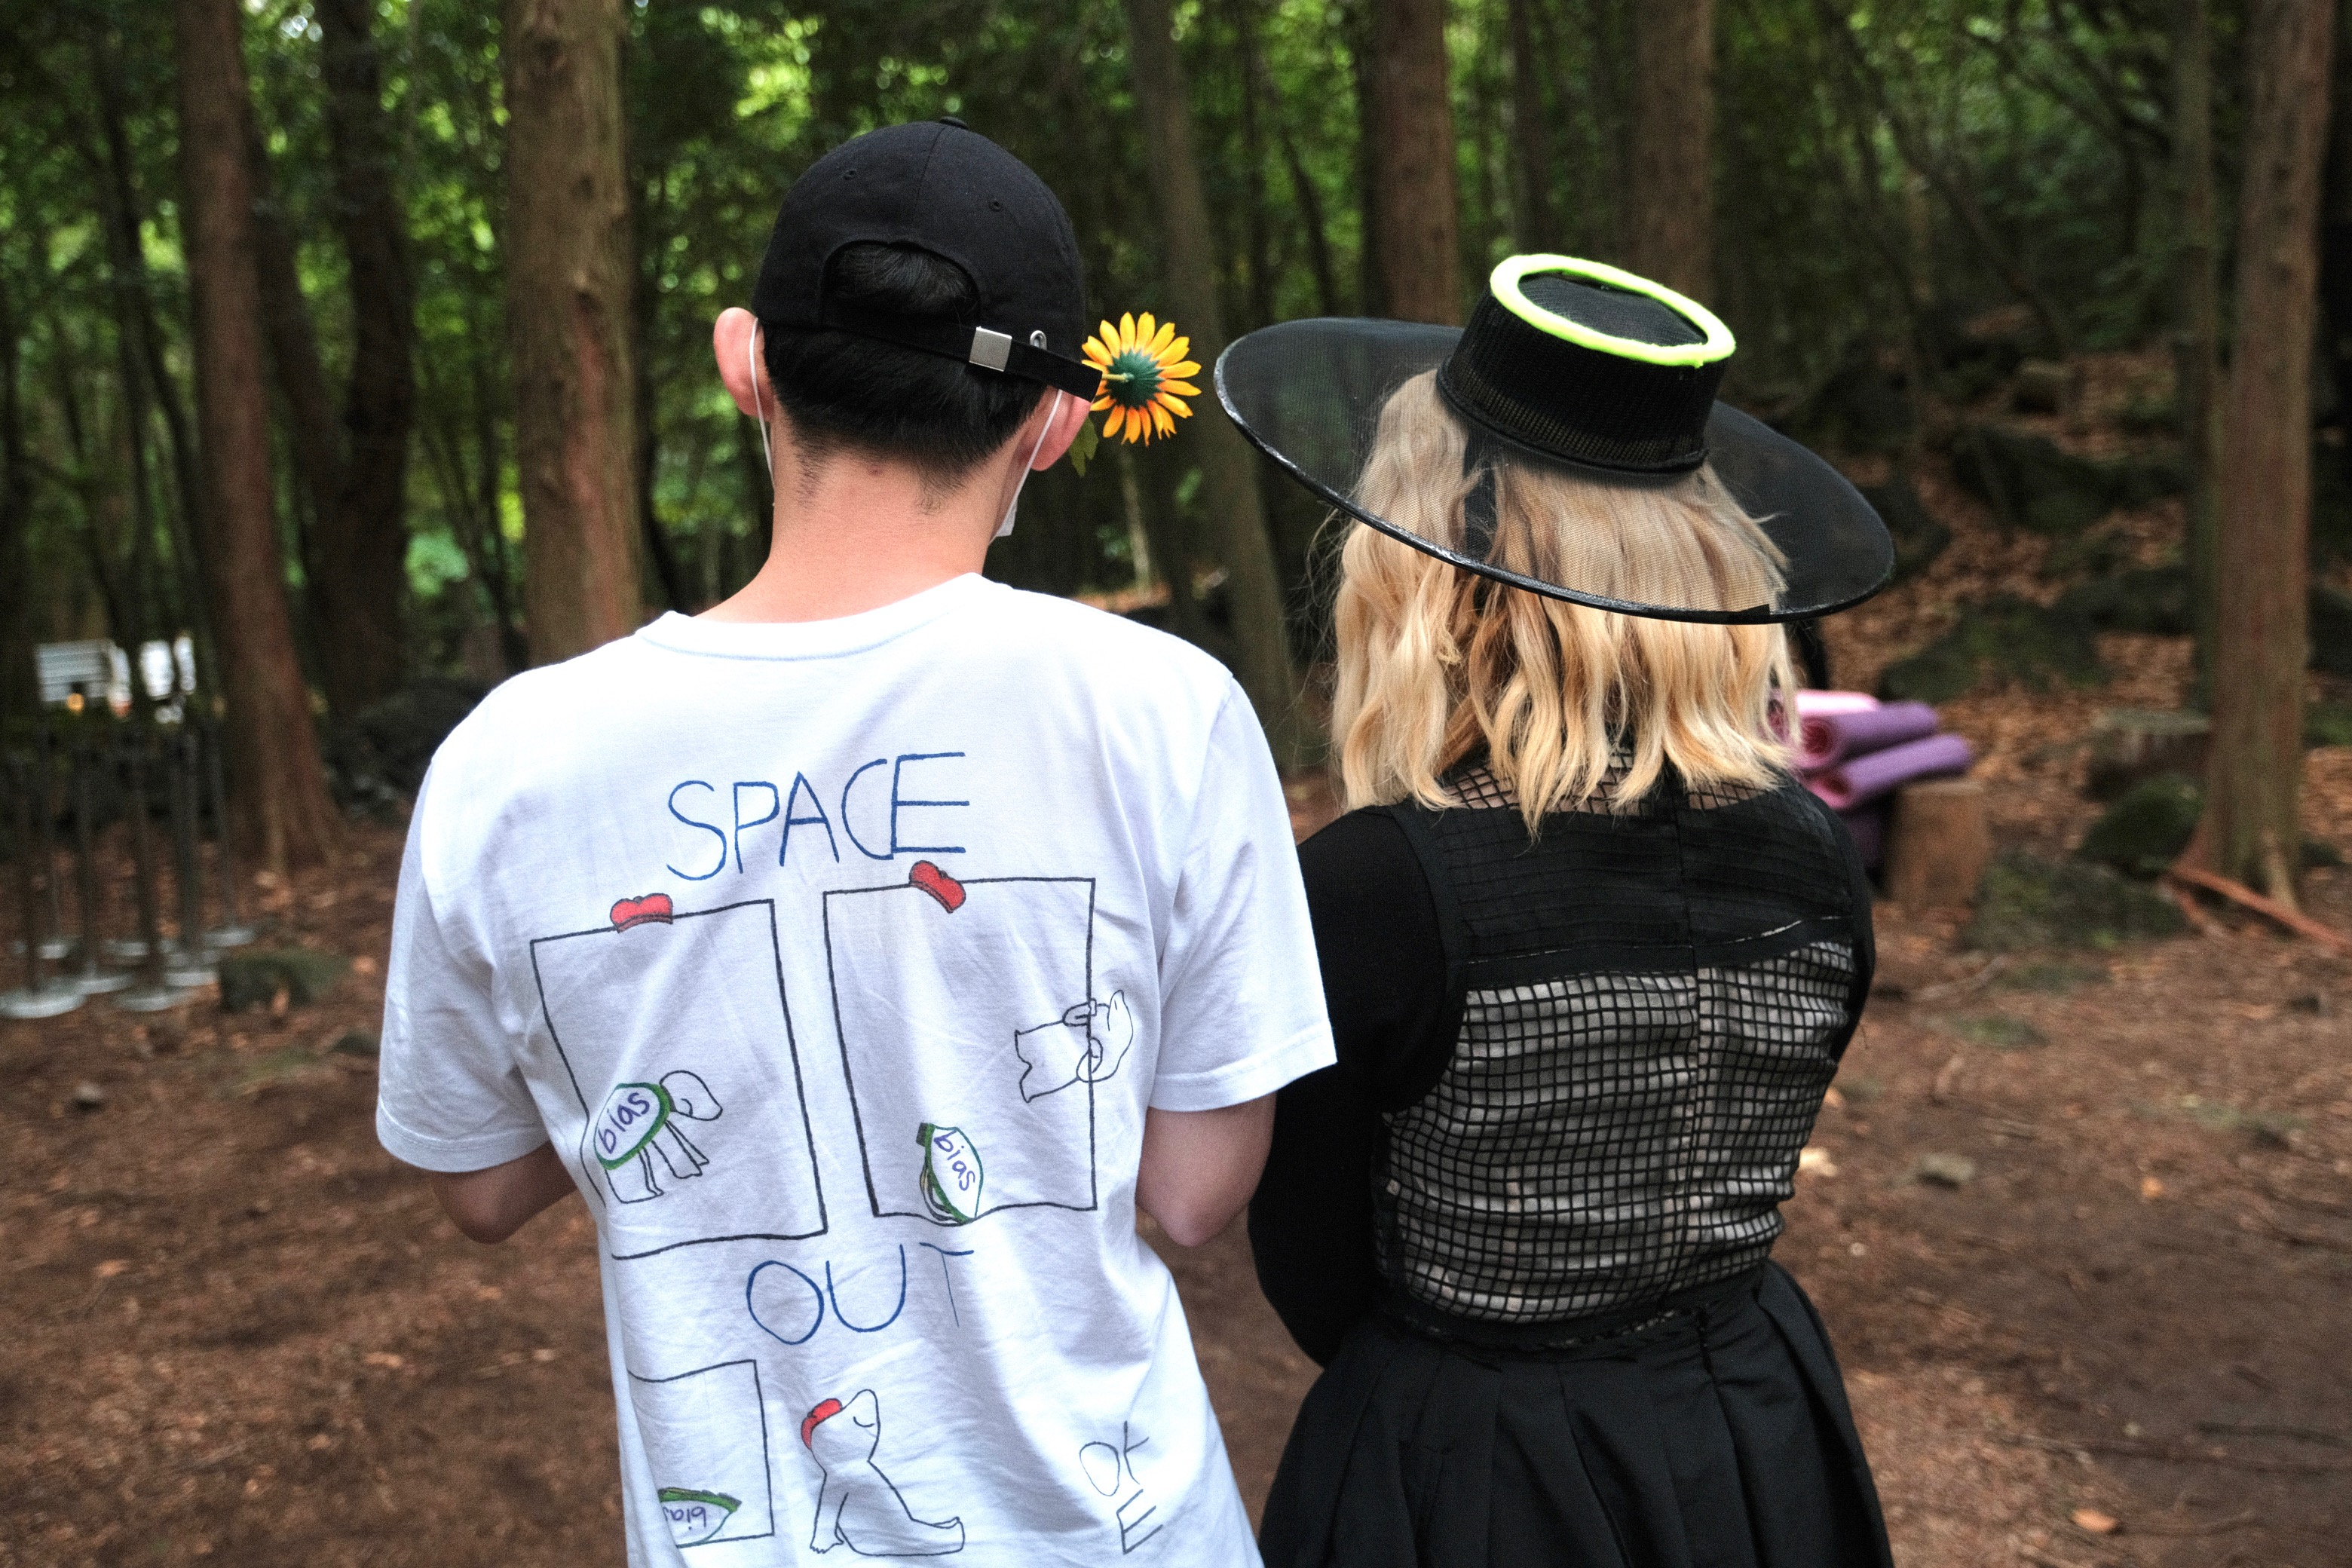 Seorang kontestan mengenakan kaus bertuliskan Space Out dengan gambar kura-kura beristirahat setelah keluar dari cangkang.